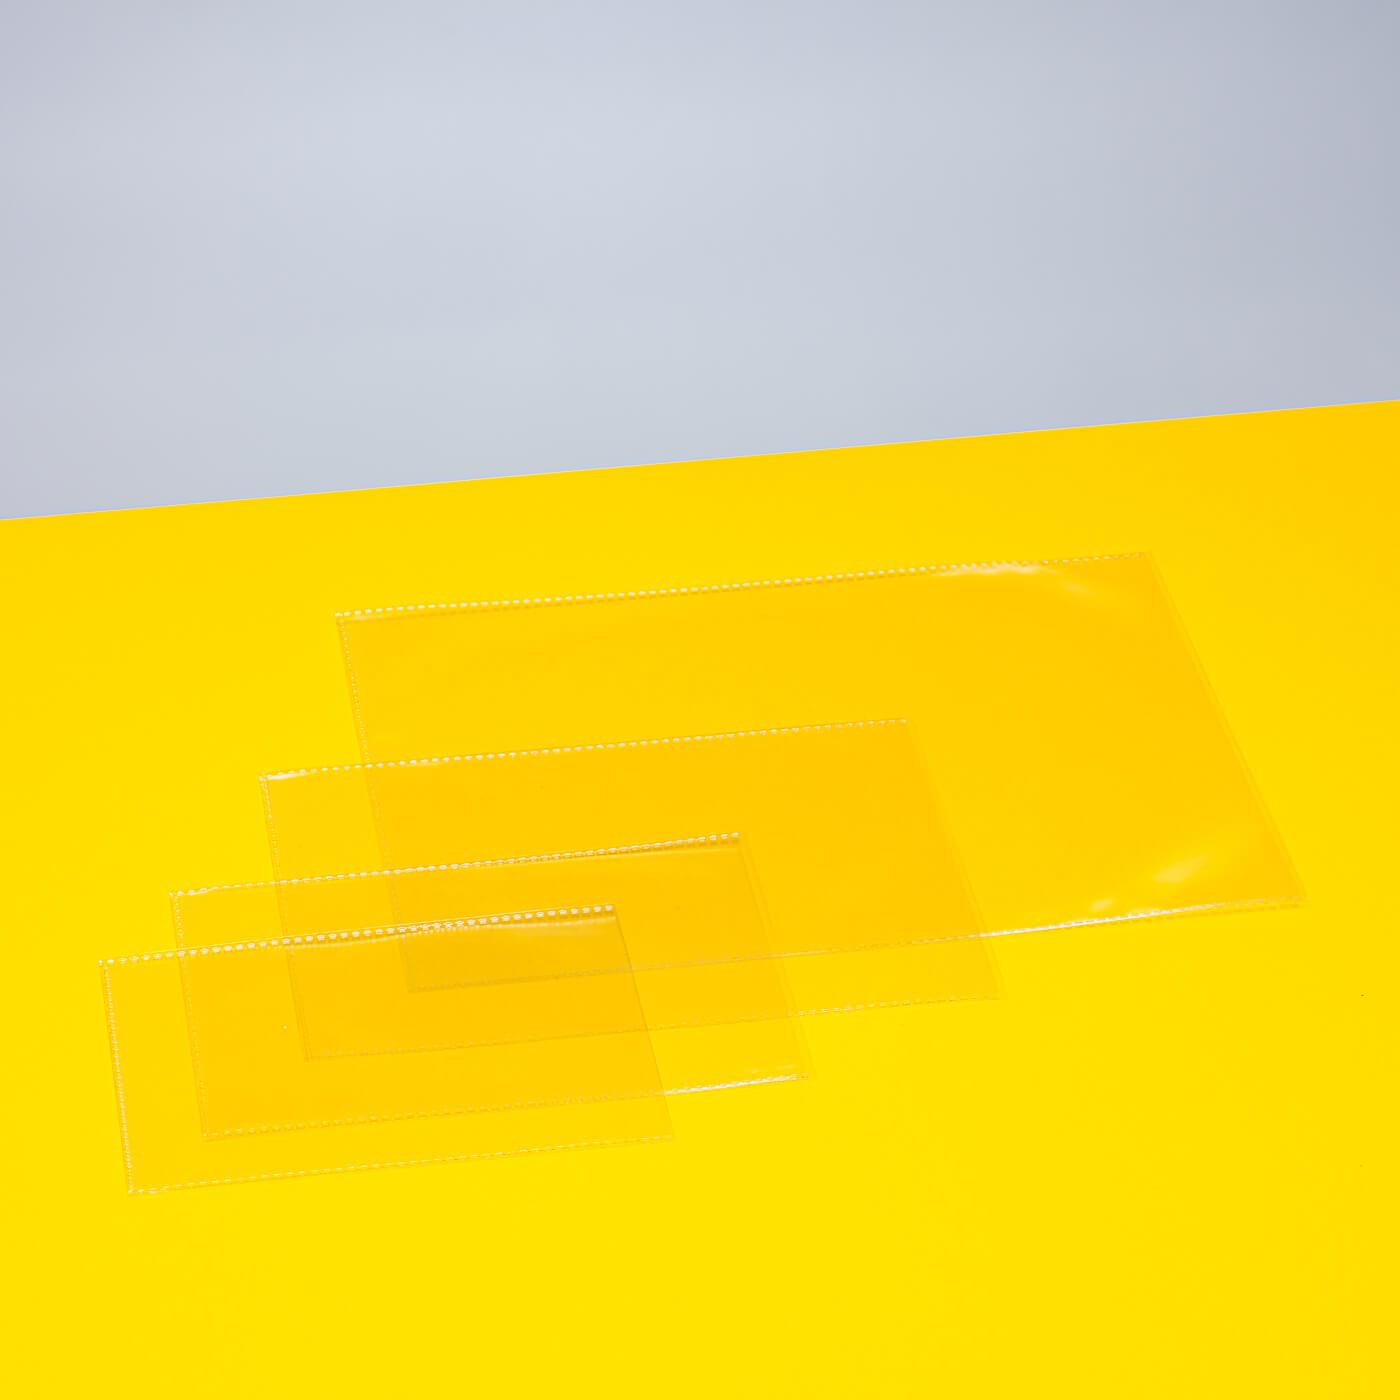 Fototasche aus Polypropylen